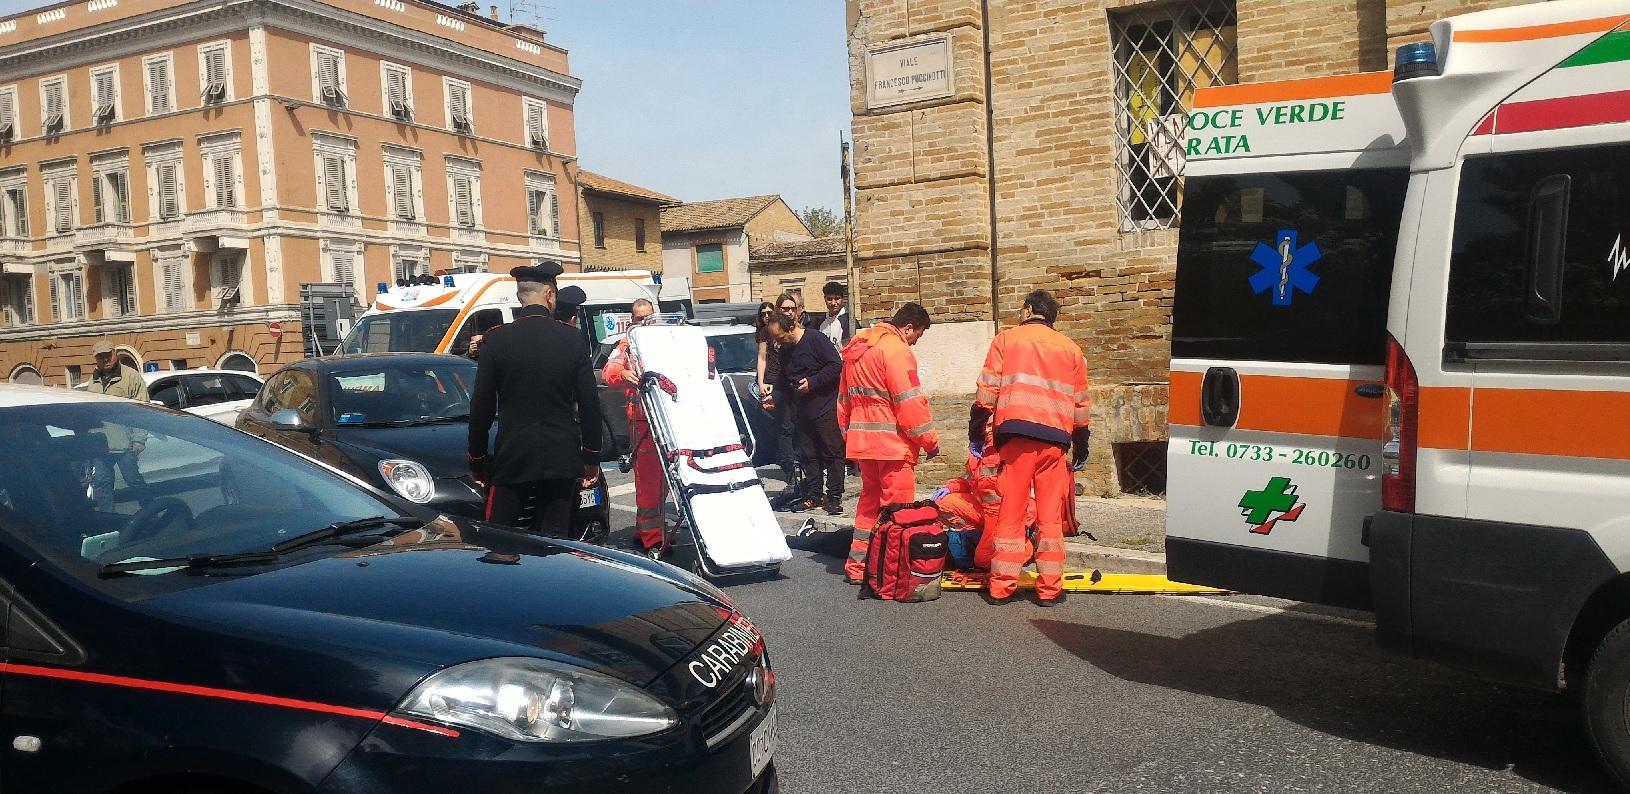 Mattinata di incidenti stradali a Macerata. Tre ragazze ferite